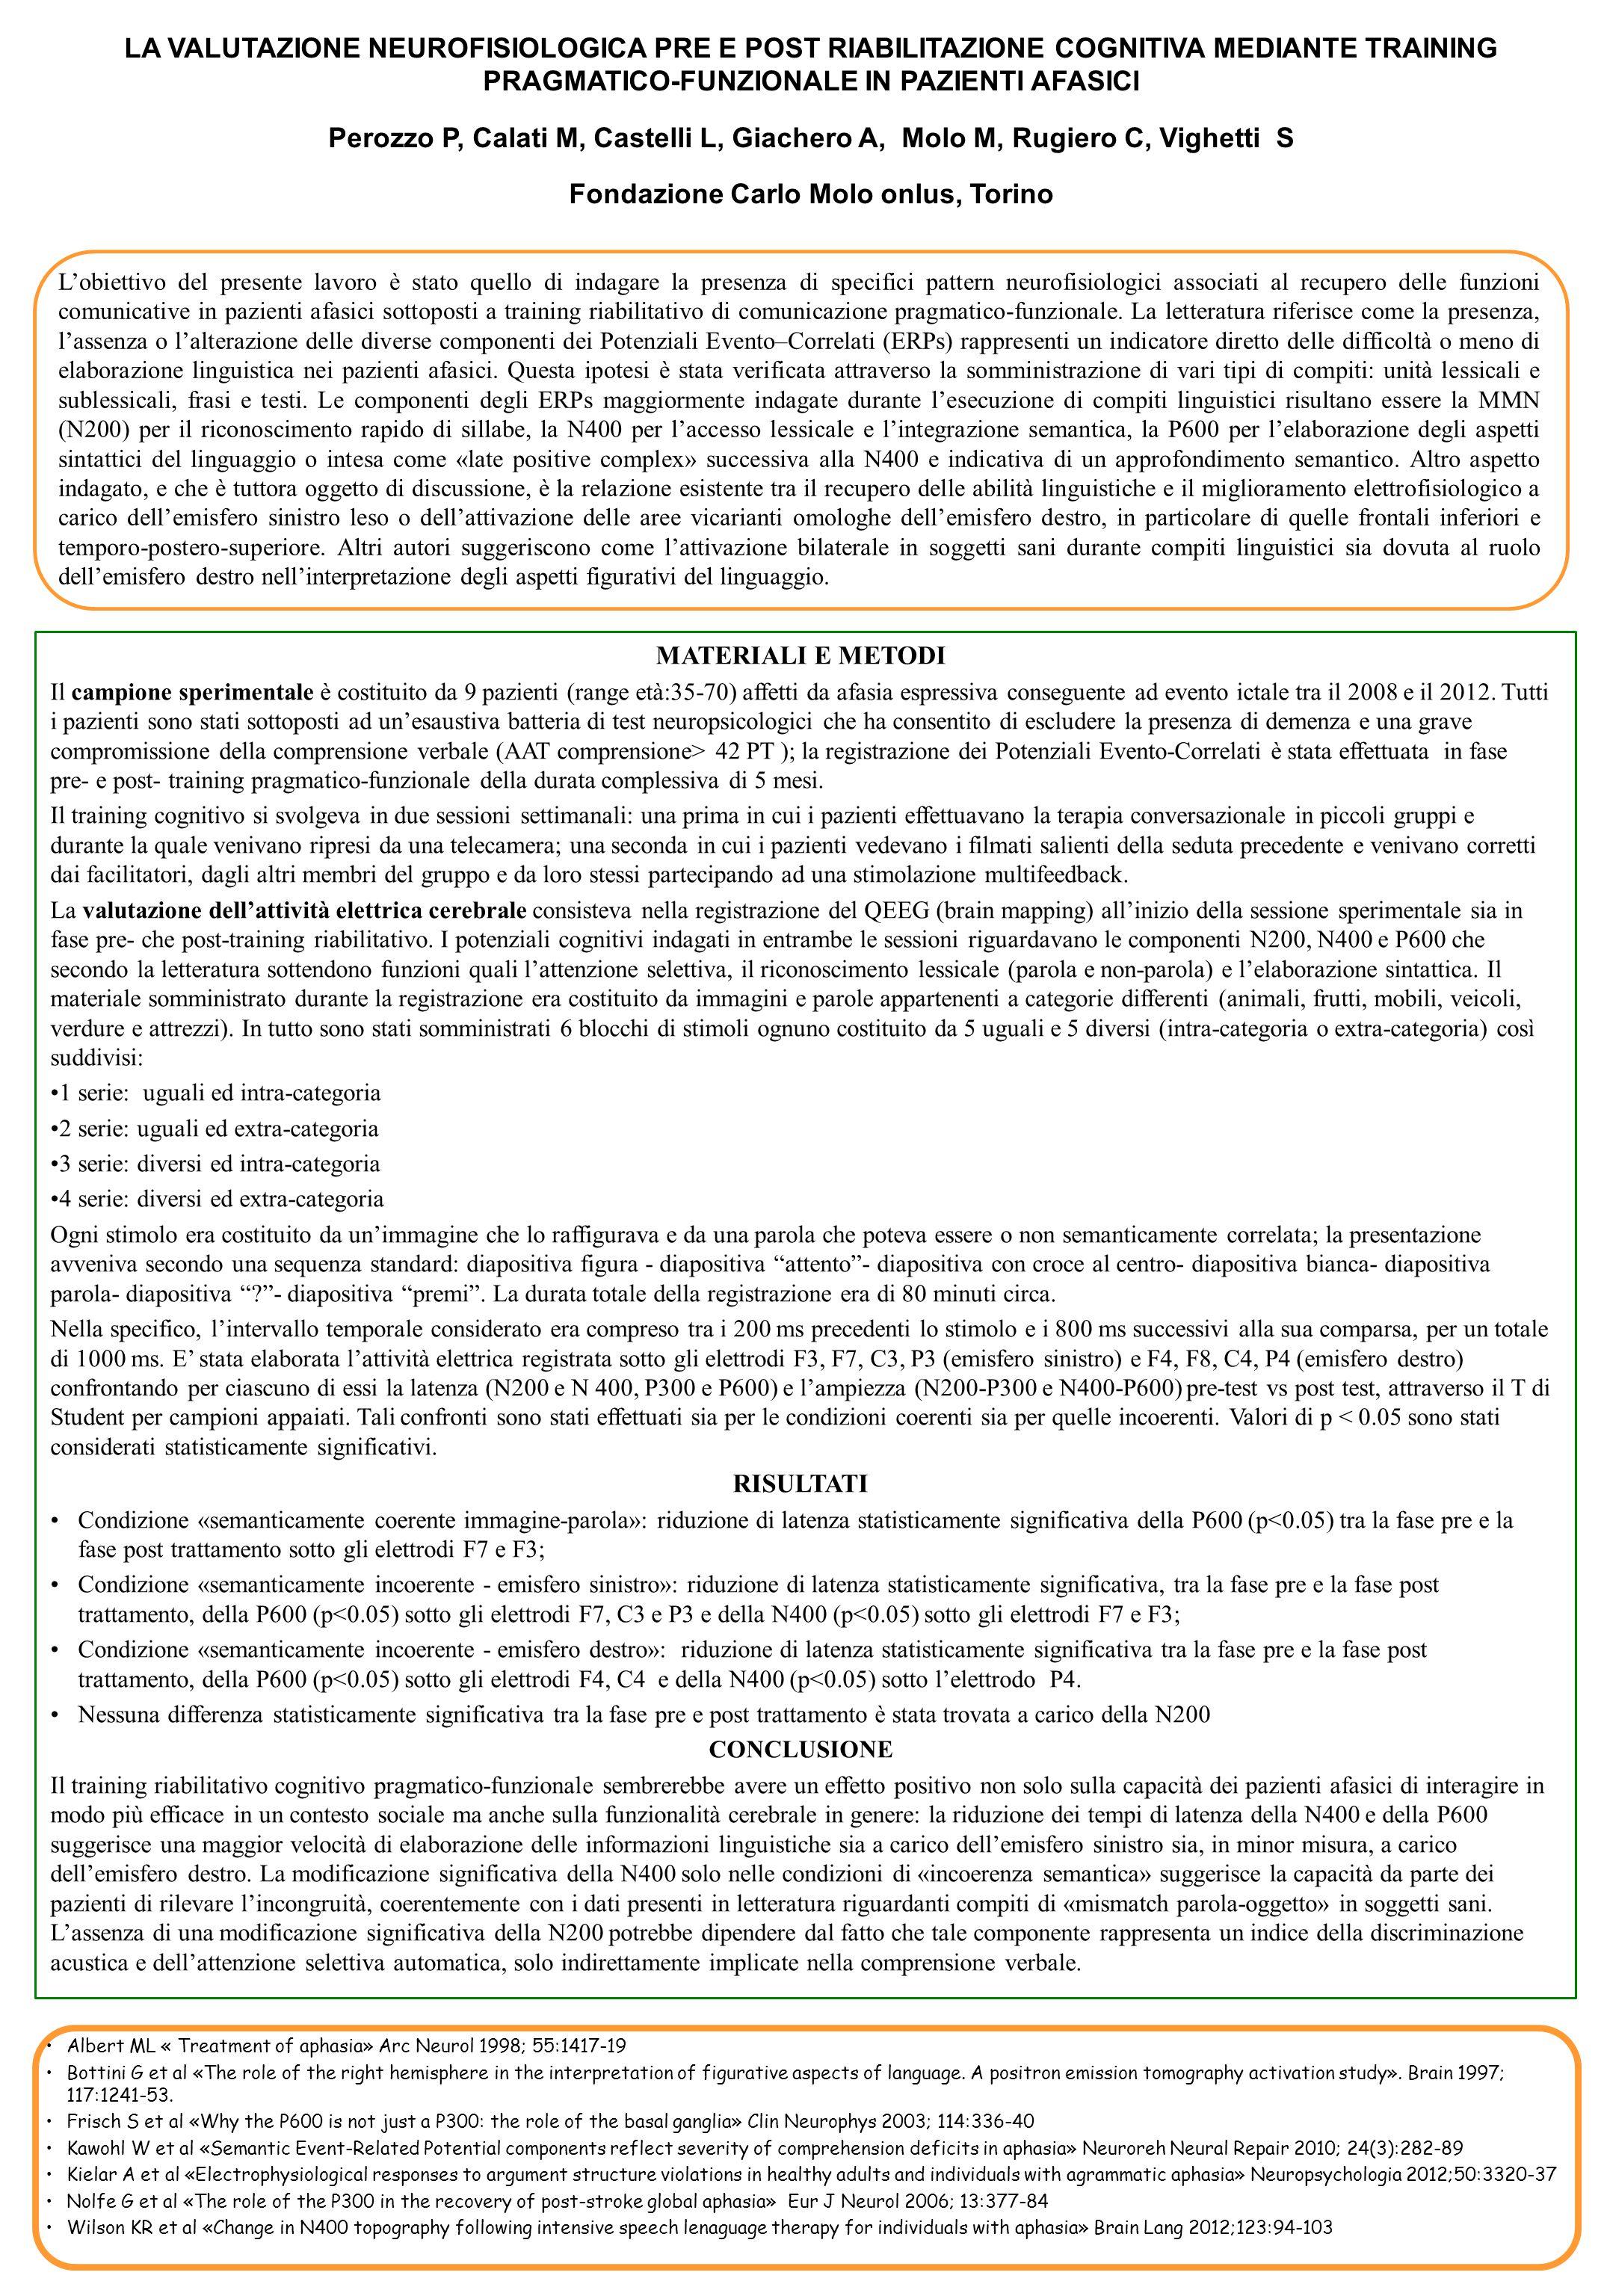 LA VALUTAZIONE NEUROFISIOLOGICA PRE E POST RIABILITAZIONE COGNITIVA MEDIANTE TRAINING PRAGMATICO-FUNZIONALE IN PAZIENTI AFASICI Perozzo P, Calati M, C